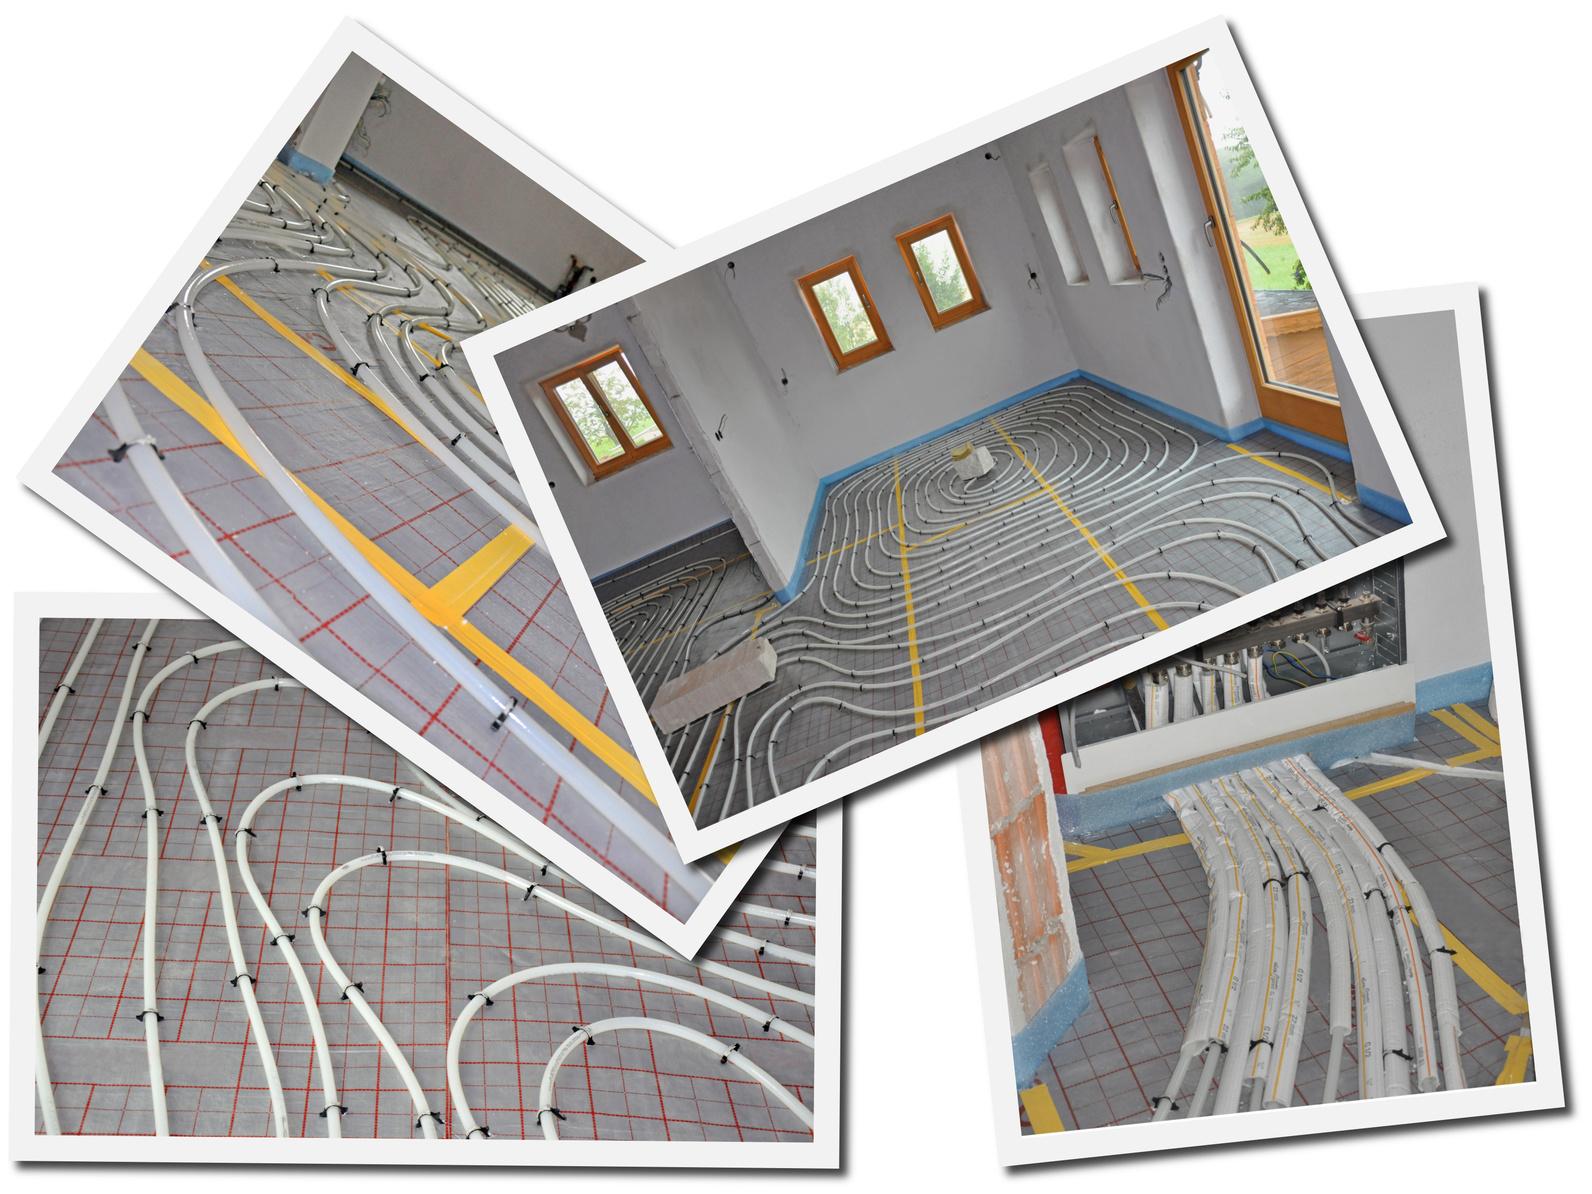 Die unsichtbare Wärme für Boden, Wände und Decken – die Flächenheizung